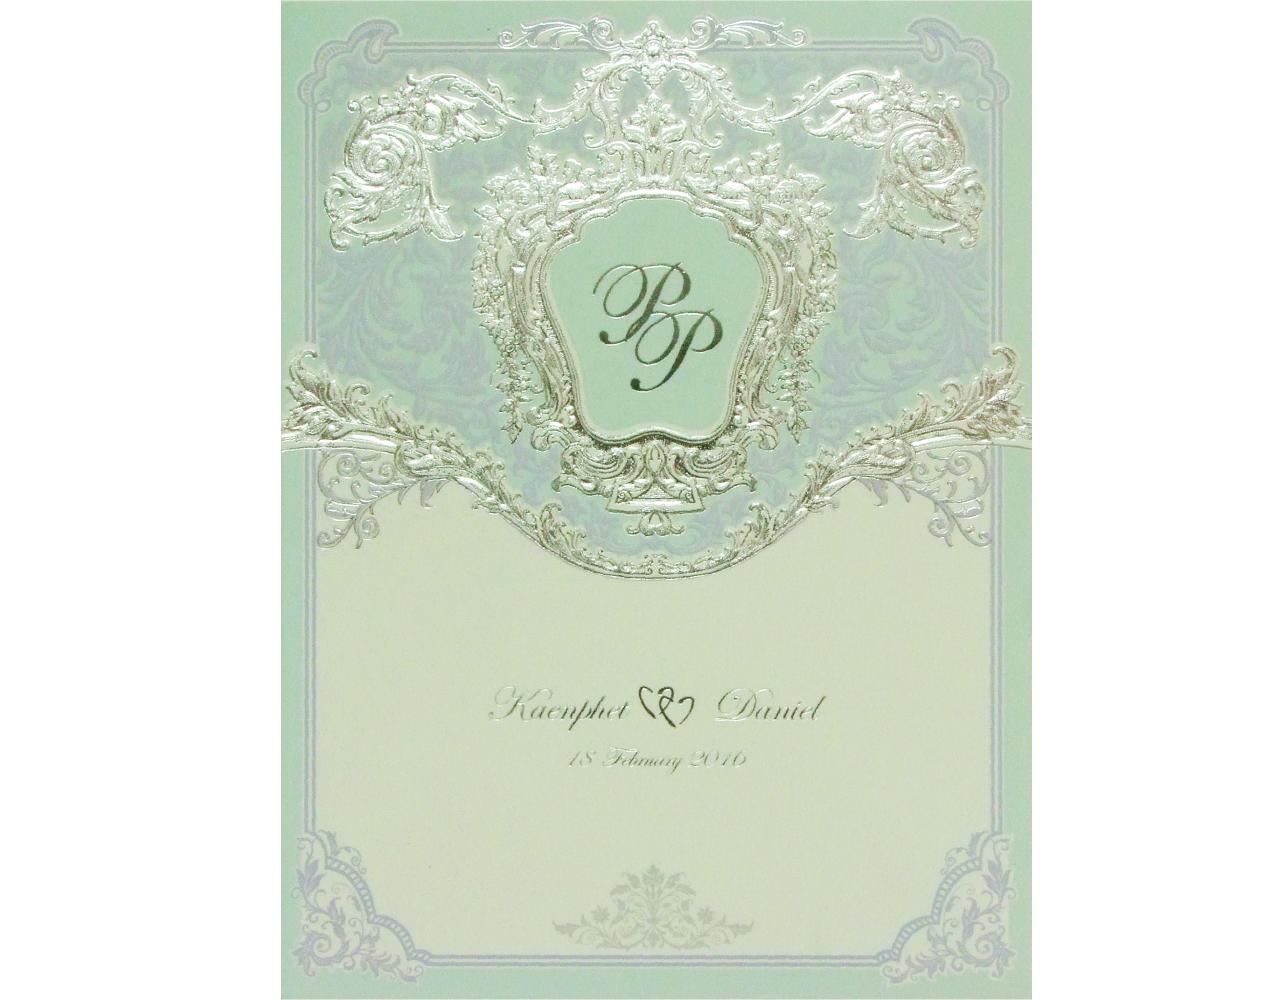 wedding card 18.5 x 13.5 cm SP 1655 Blue ฿ 9.50